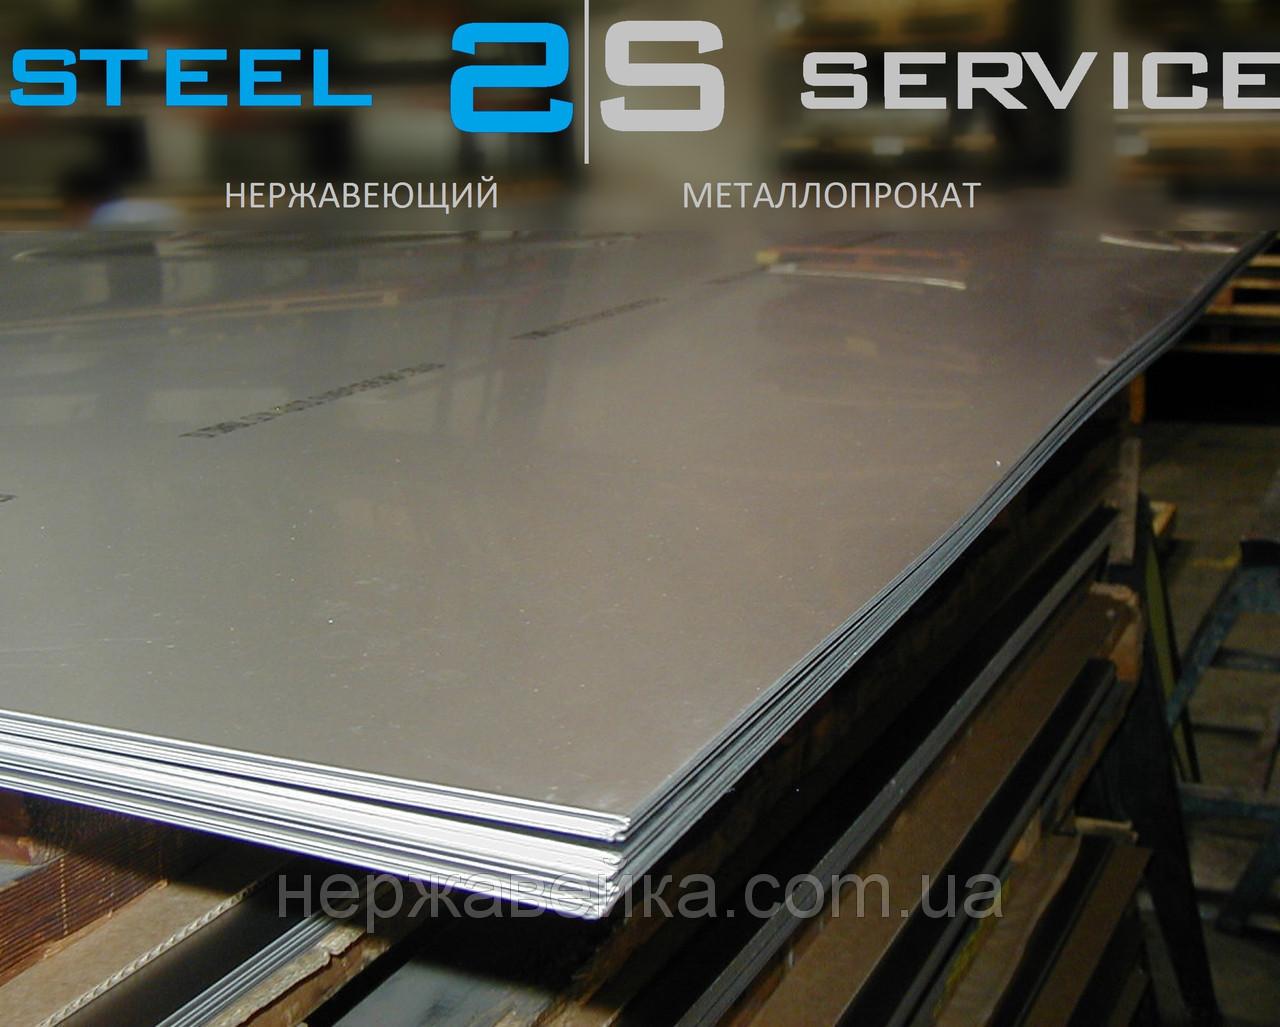 Нержавейка лист 4х1250х2500мм  AISI 310(20Х23Н18) 2B - матовый,  жаропрочный